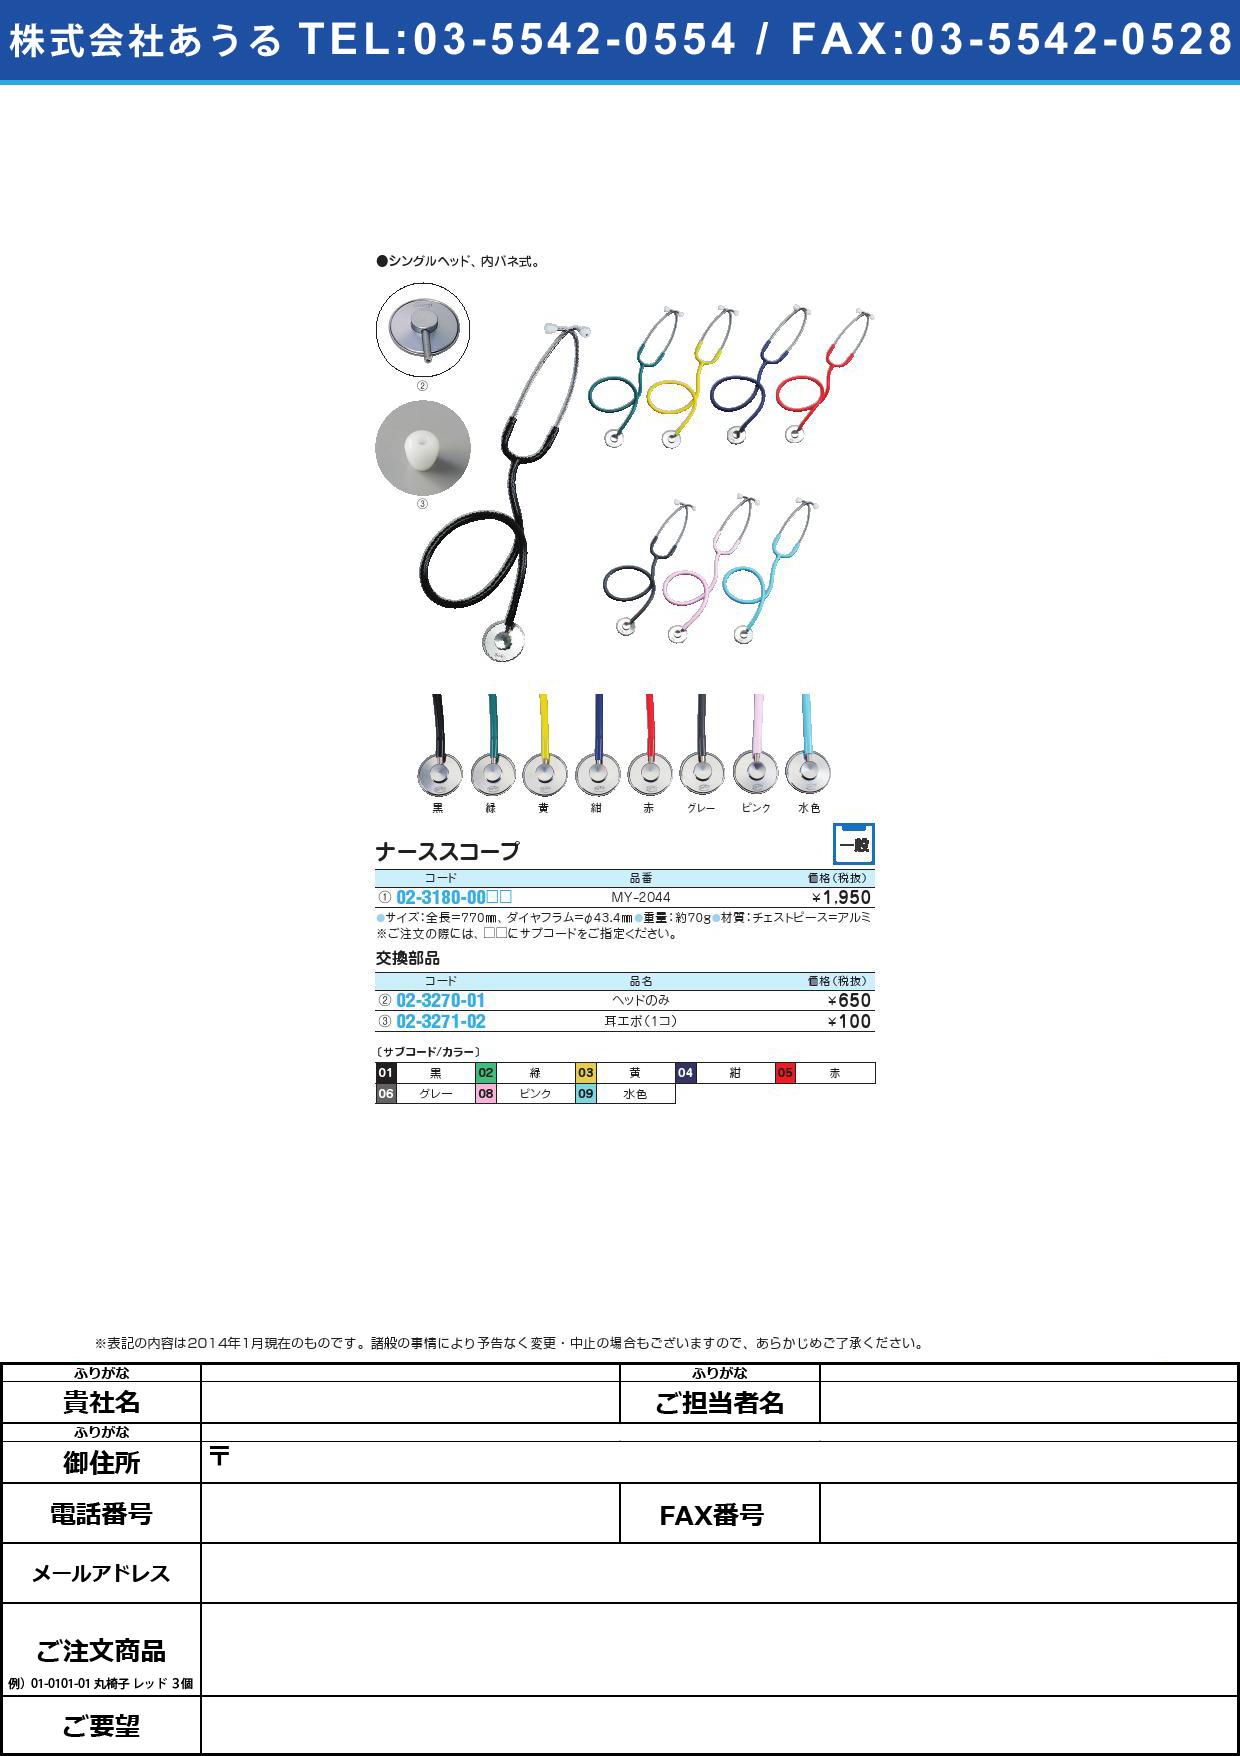 聴診器用ヘッド(ナーススコープ用) ナースコープ マイスコ【1個単位】(02-3270-01)